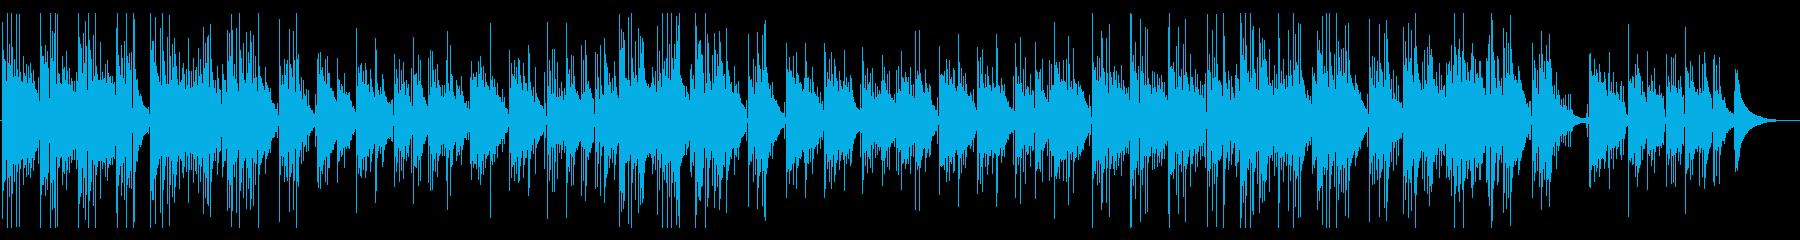 切ないアコギ2本のインスト Longの再生済みの波形